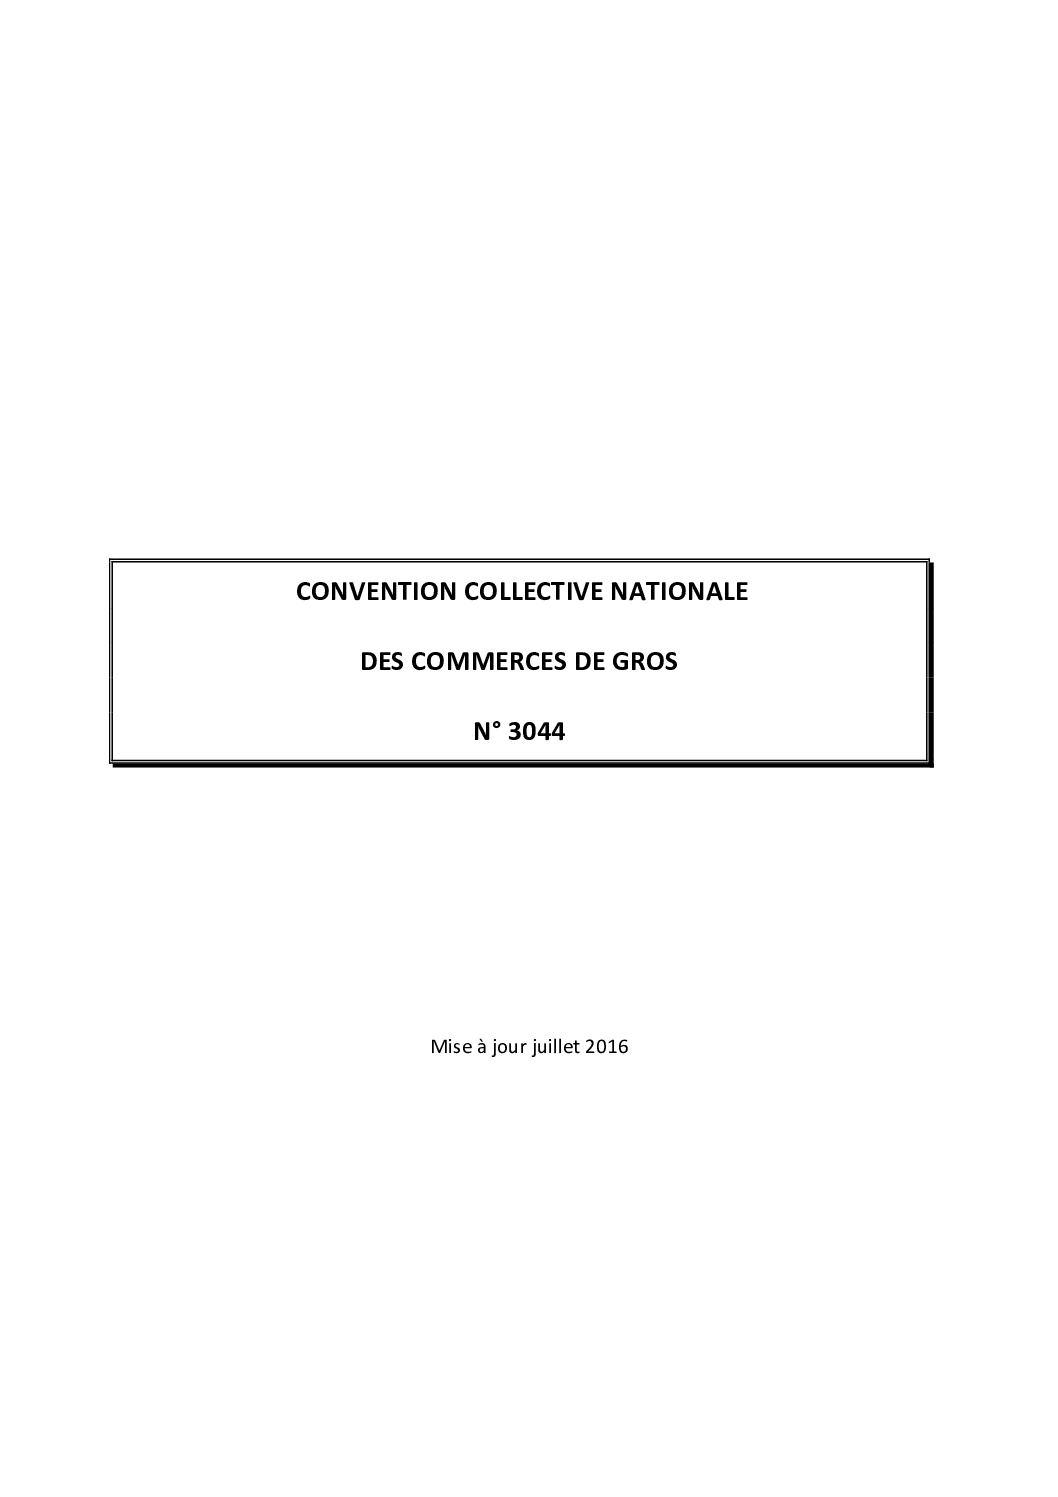 Calameo Ccn 3044 Complete Juillet 2016